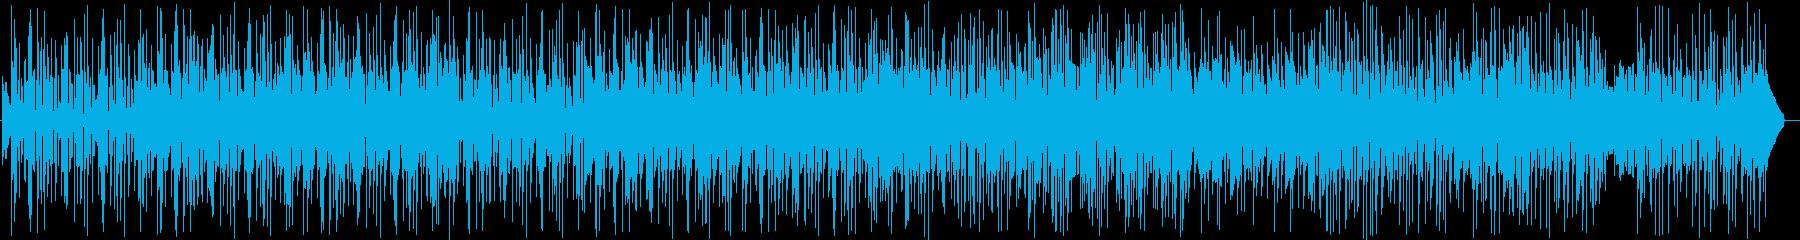 ポップ。かっこいい歌。サックスソロ。の再生済みの波形